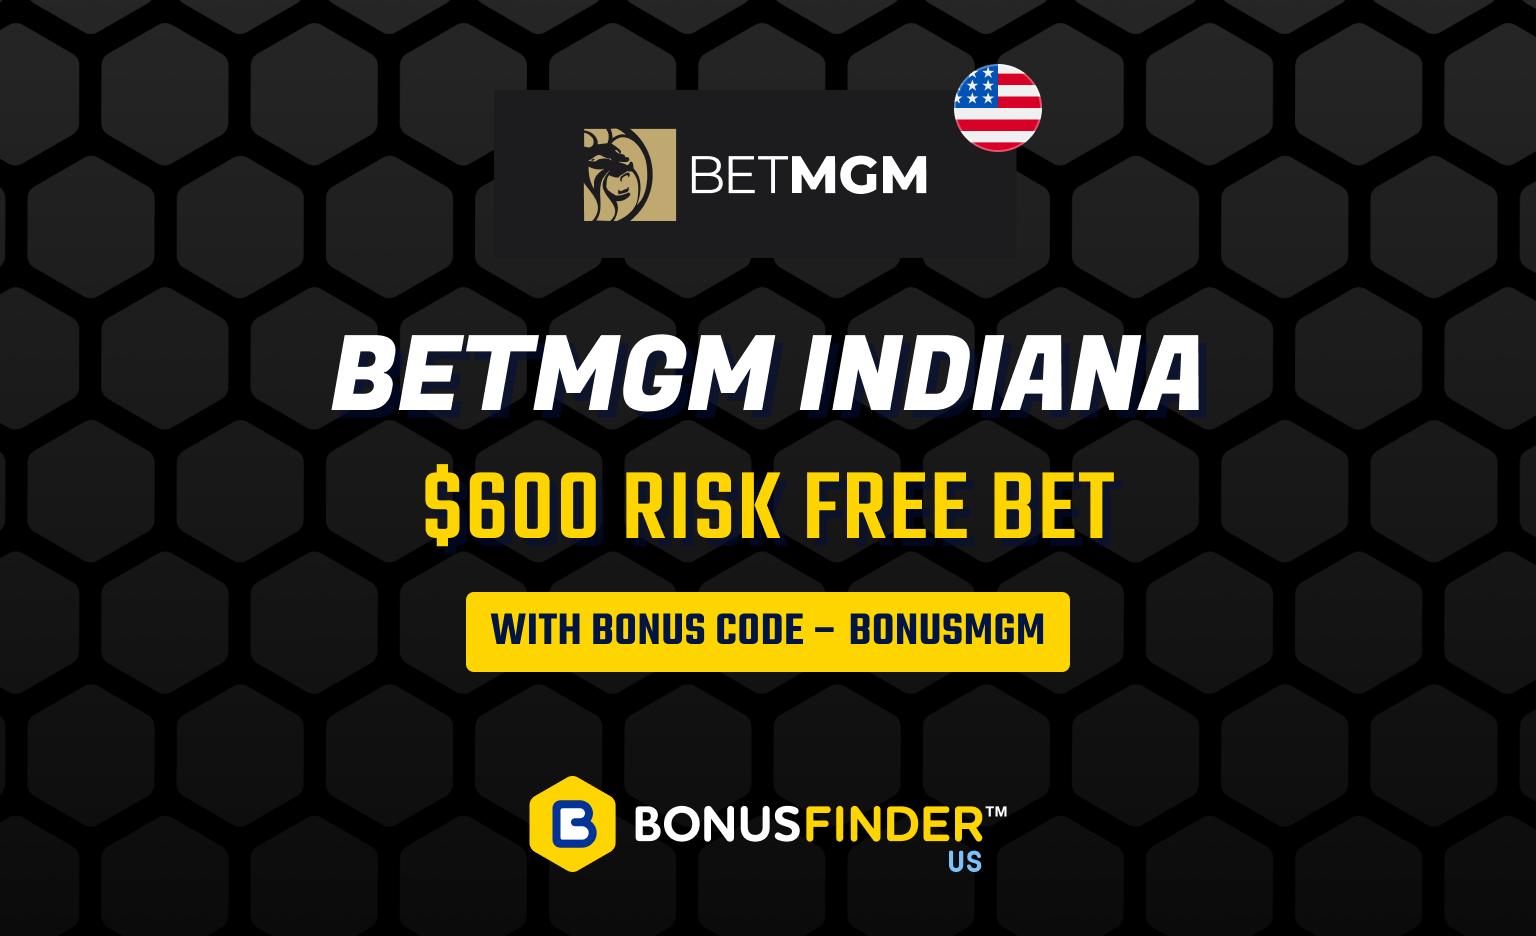 BetMGM Sportsbook IN